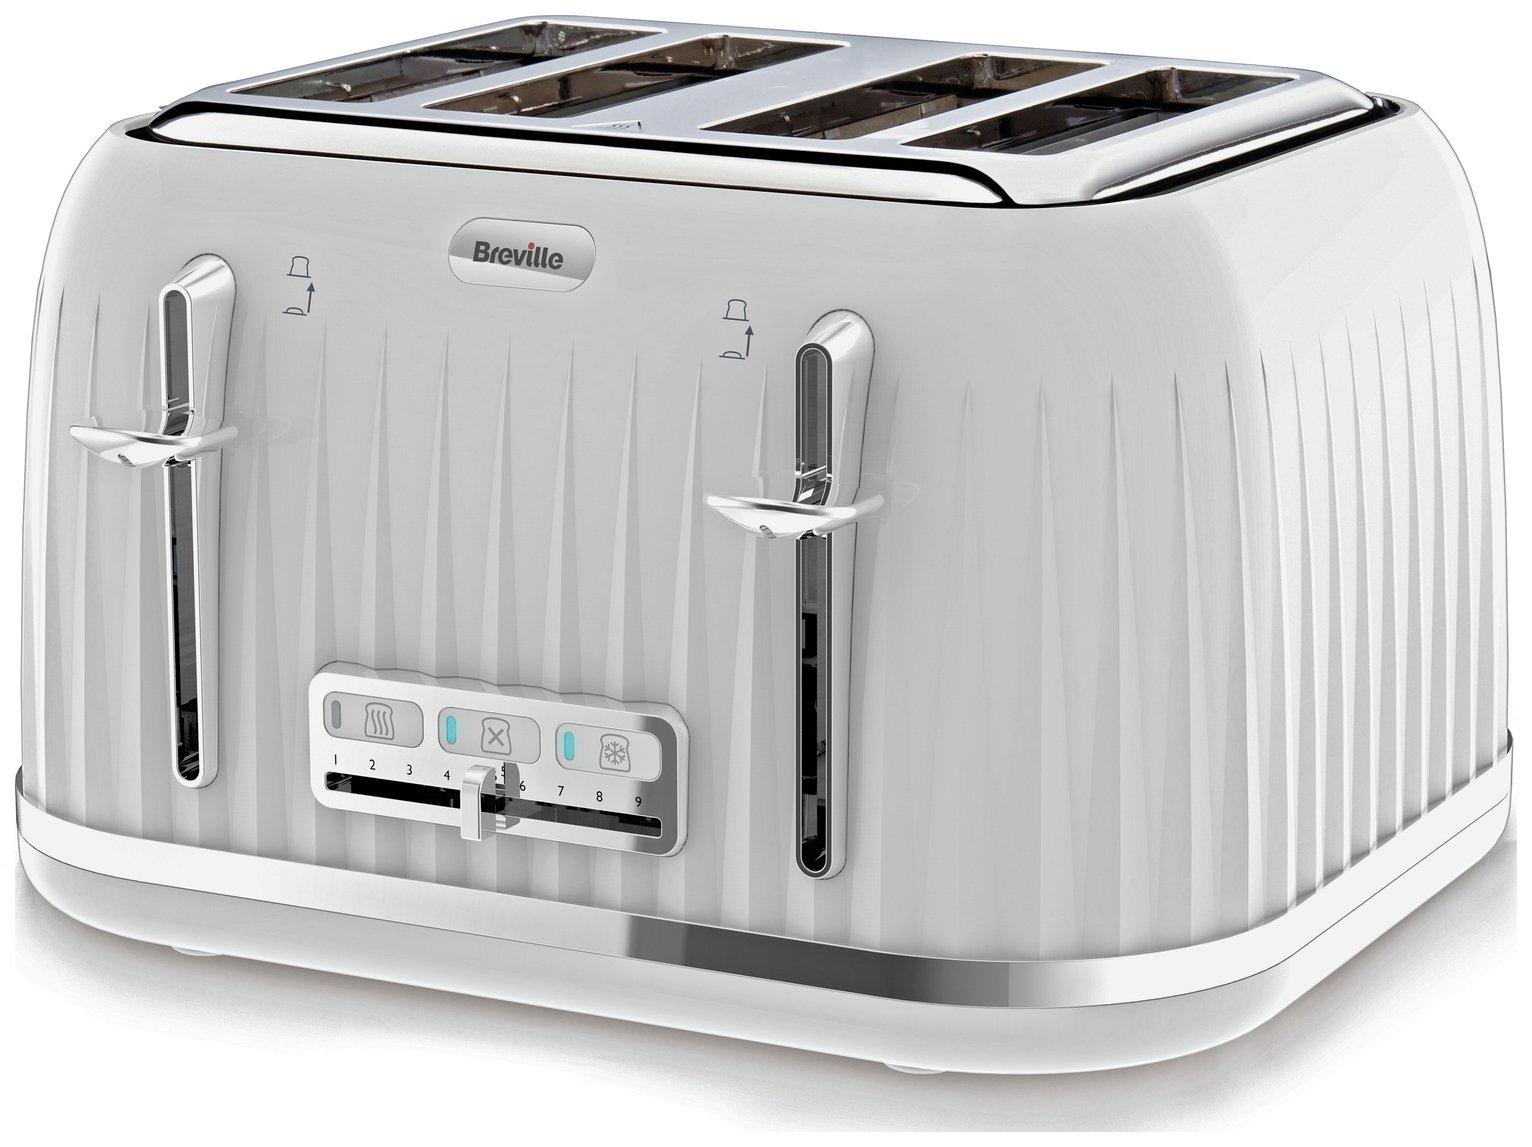 Image of Breville - Toaster - VTT470 Impressions - 4 Slice - White